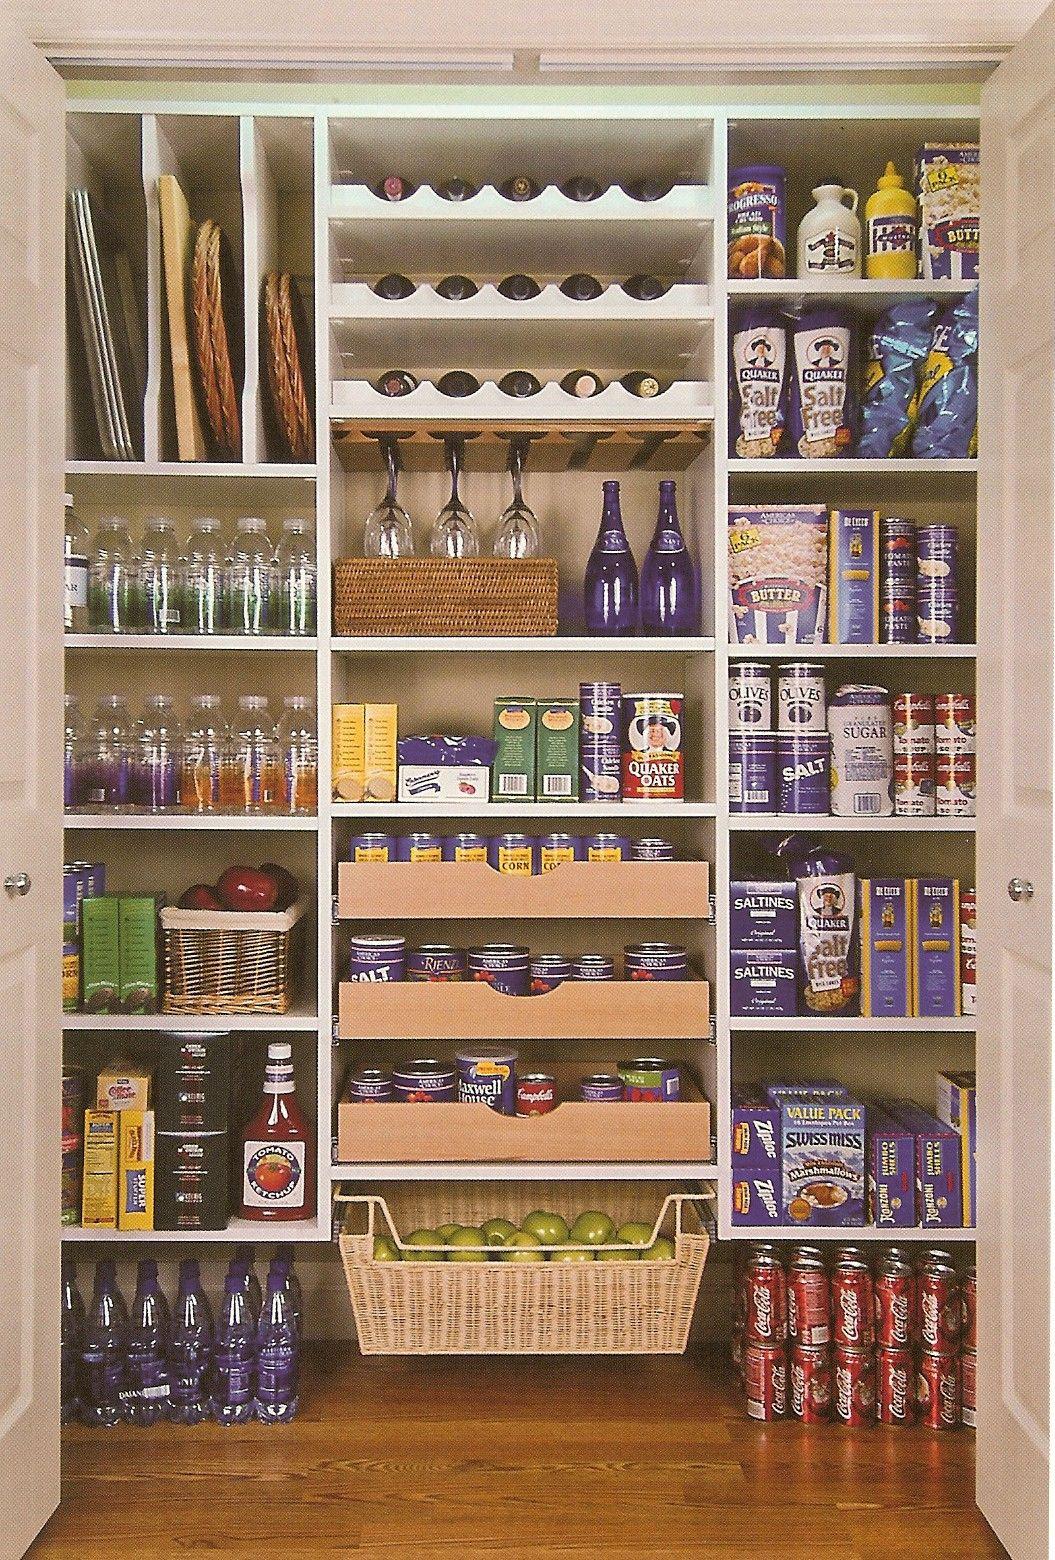 Küche/Speis | Möbel | Pinterest | Küche, Speisekammer speicher und ...